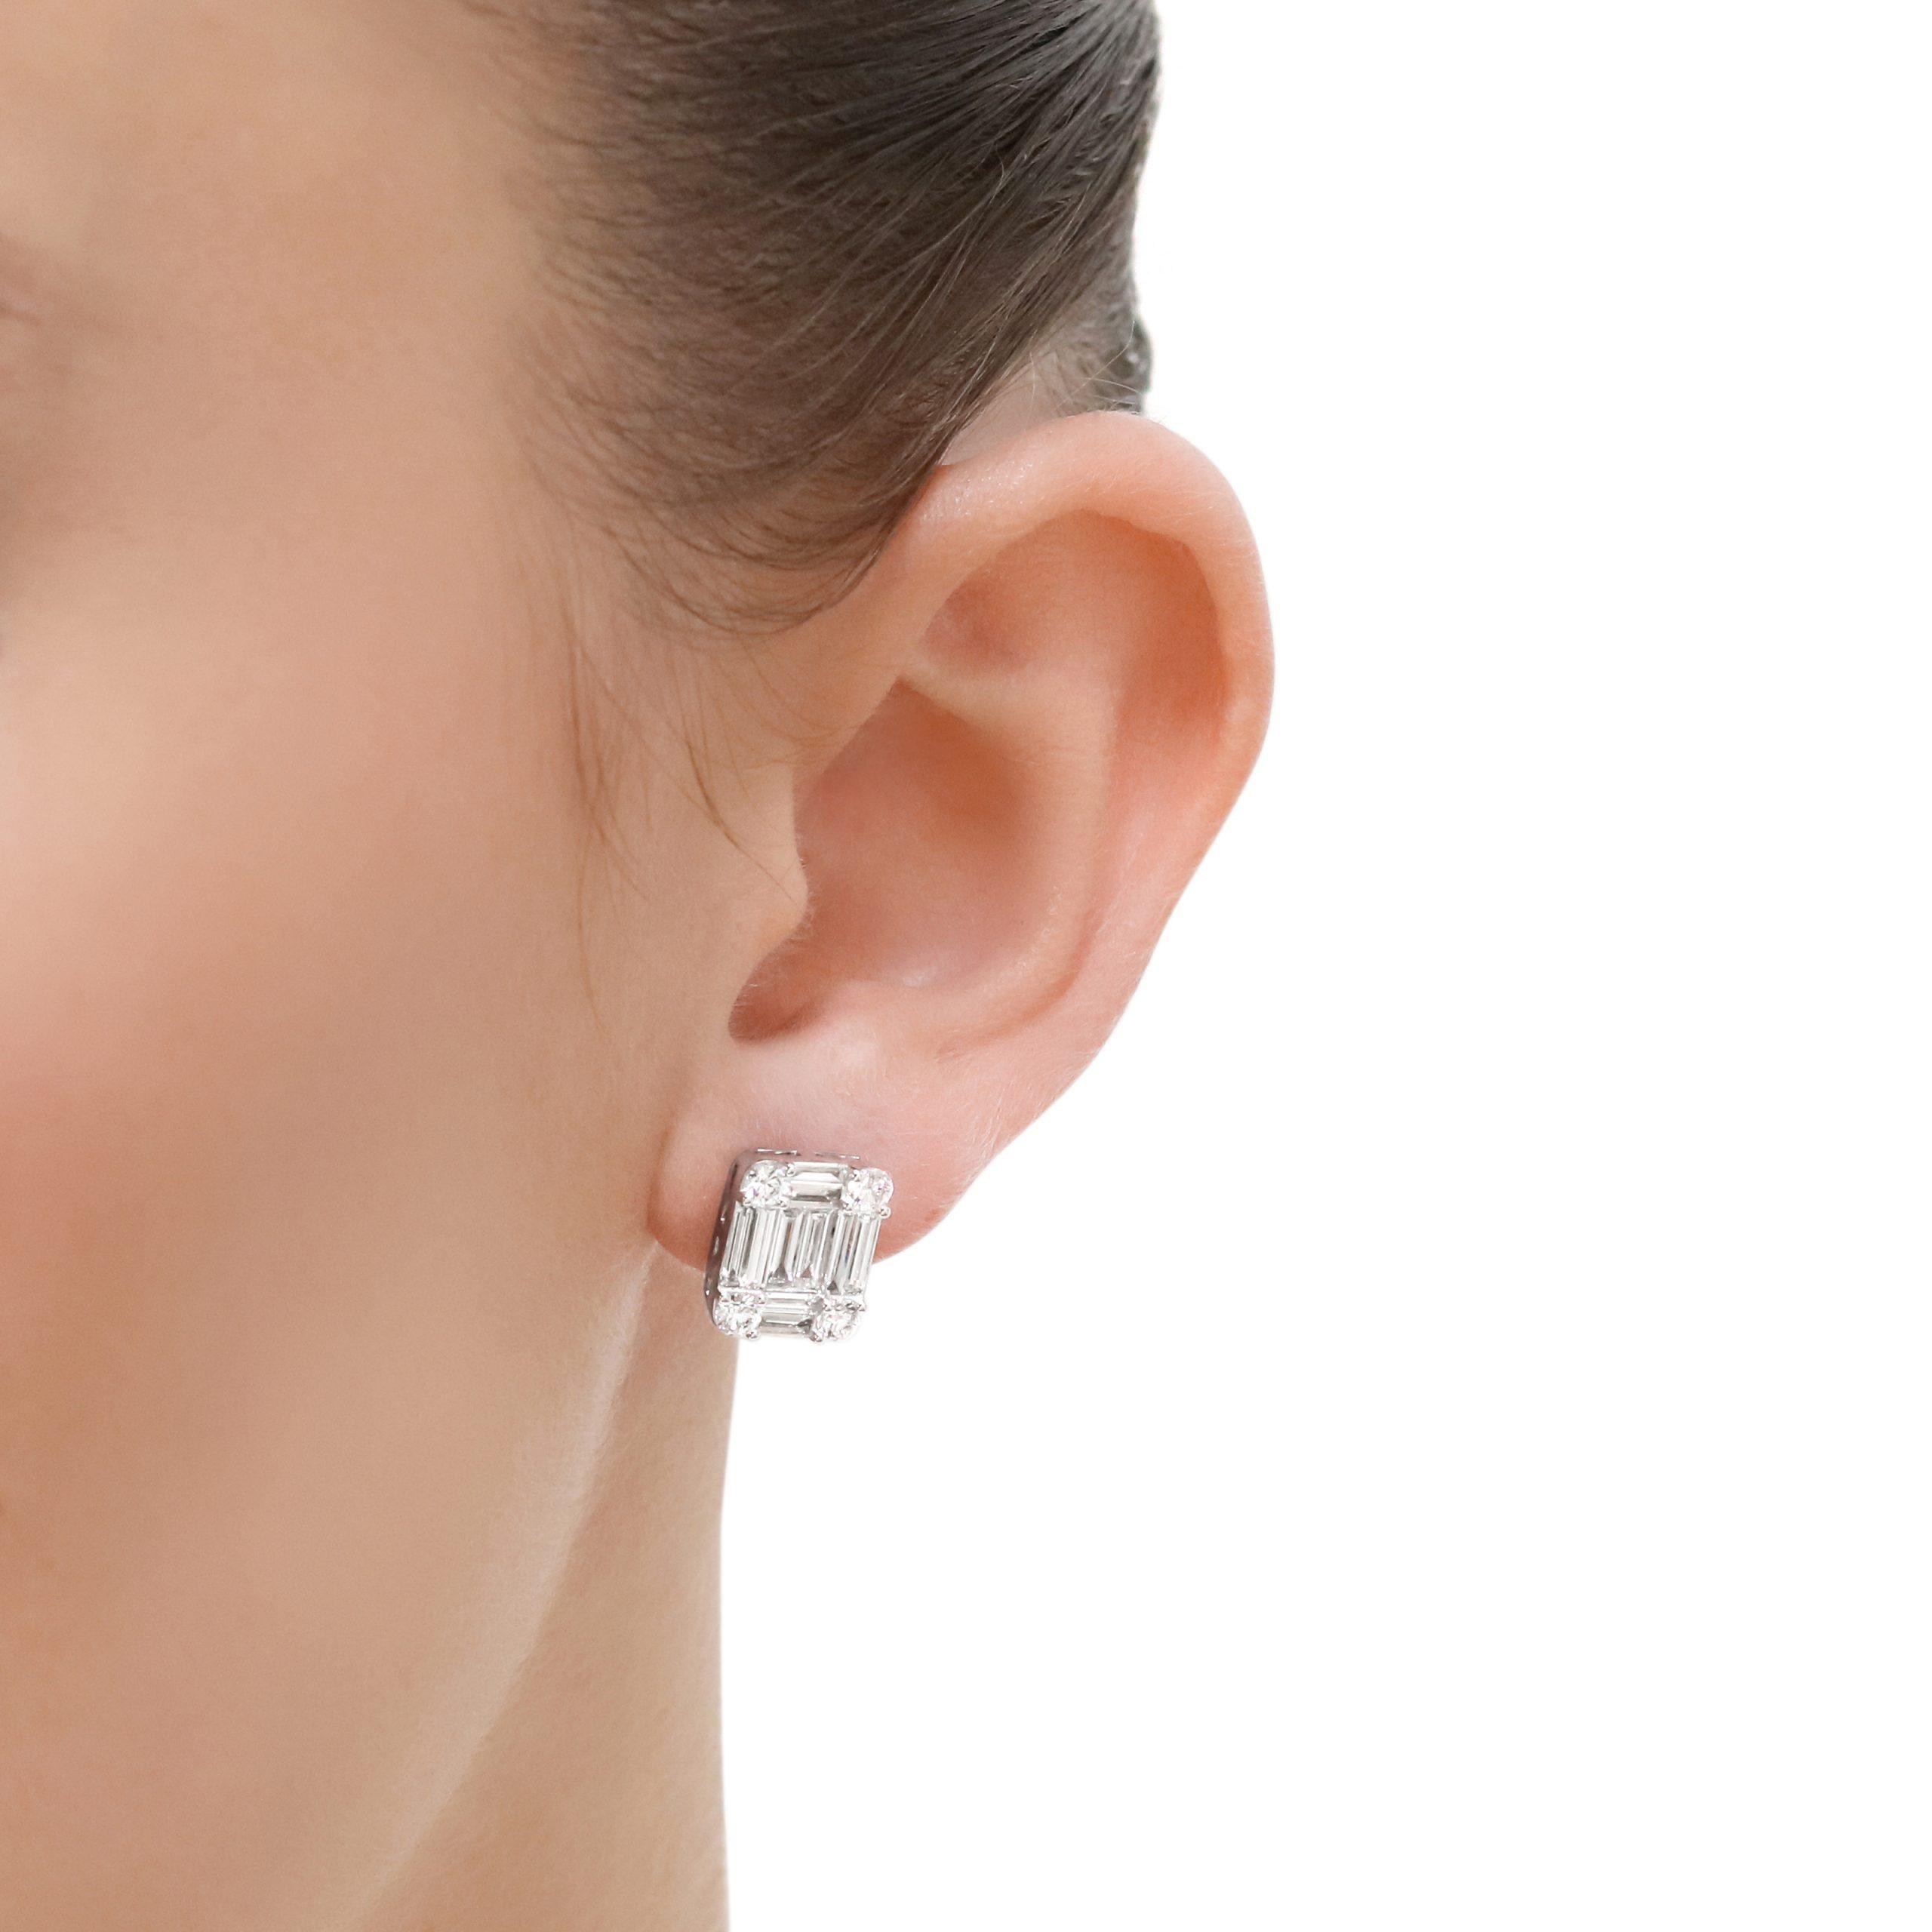 White Gold Mixed Cut Diamond Studs